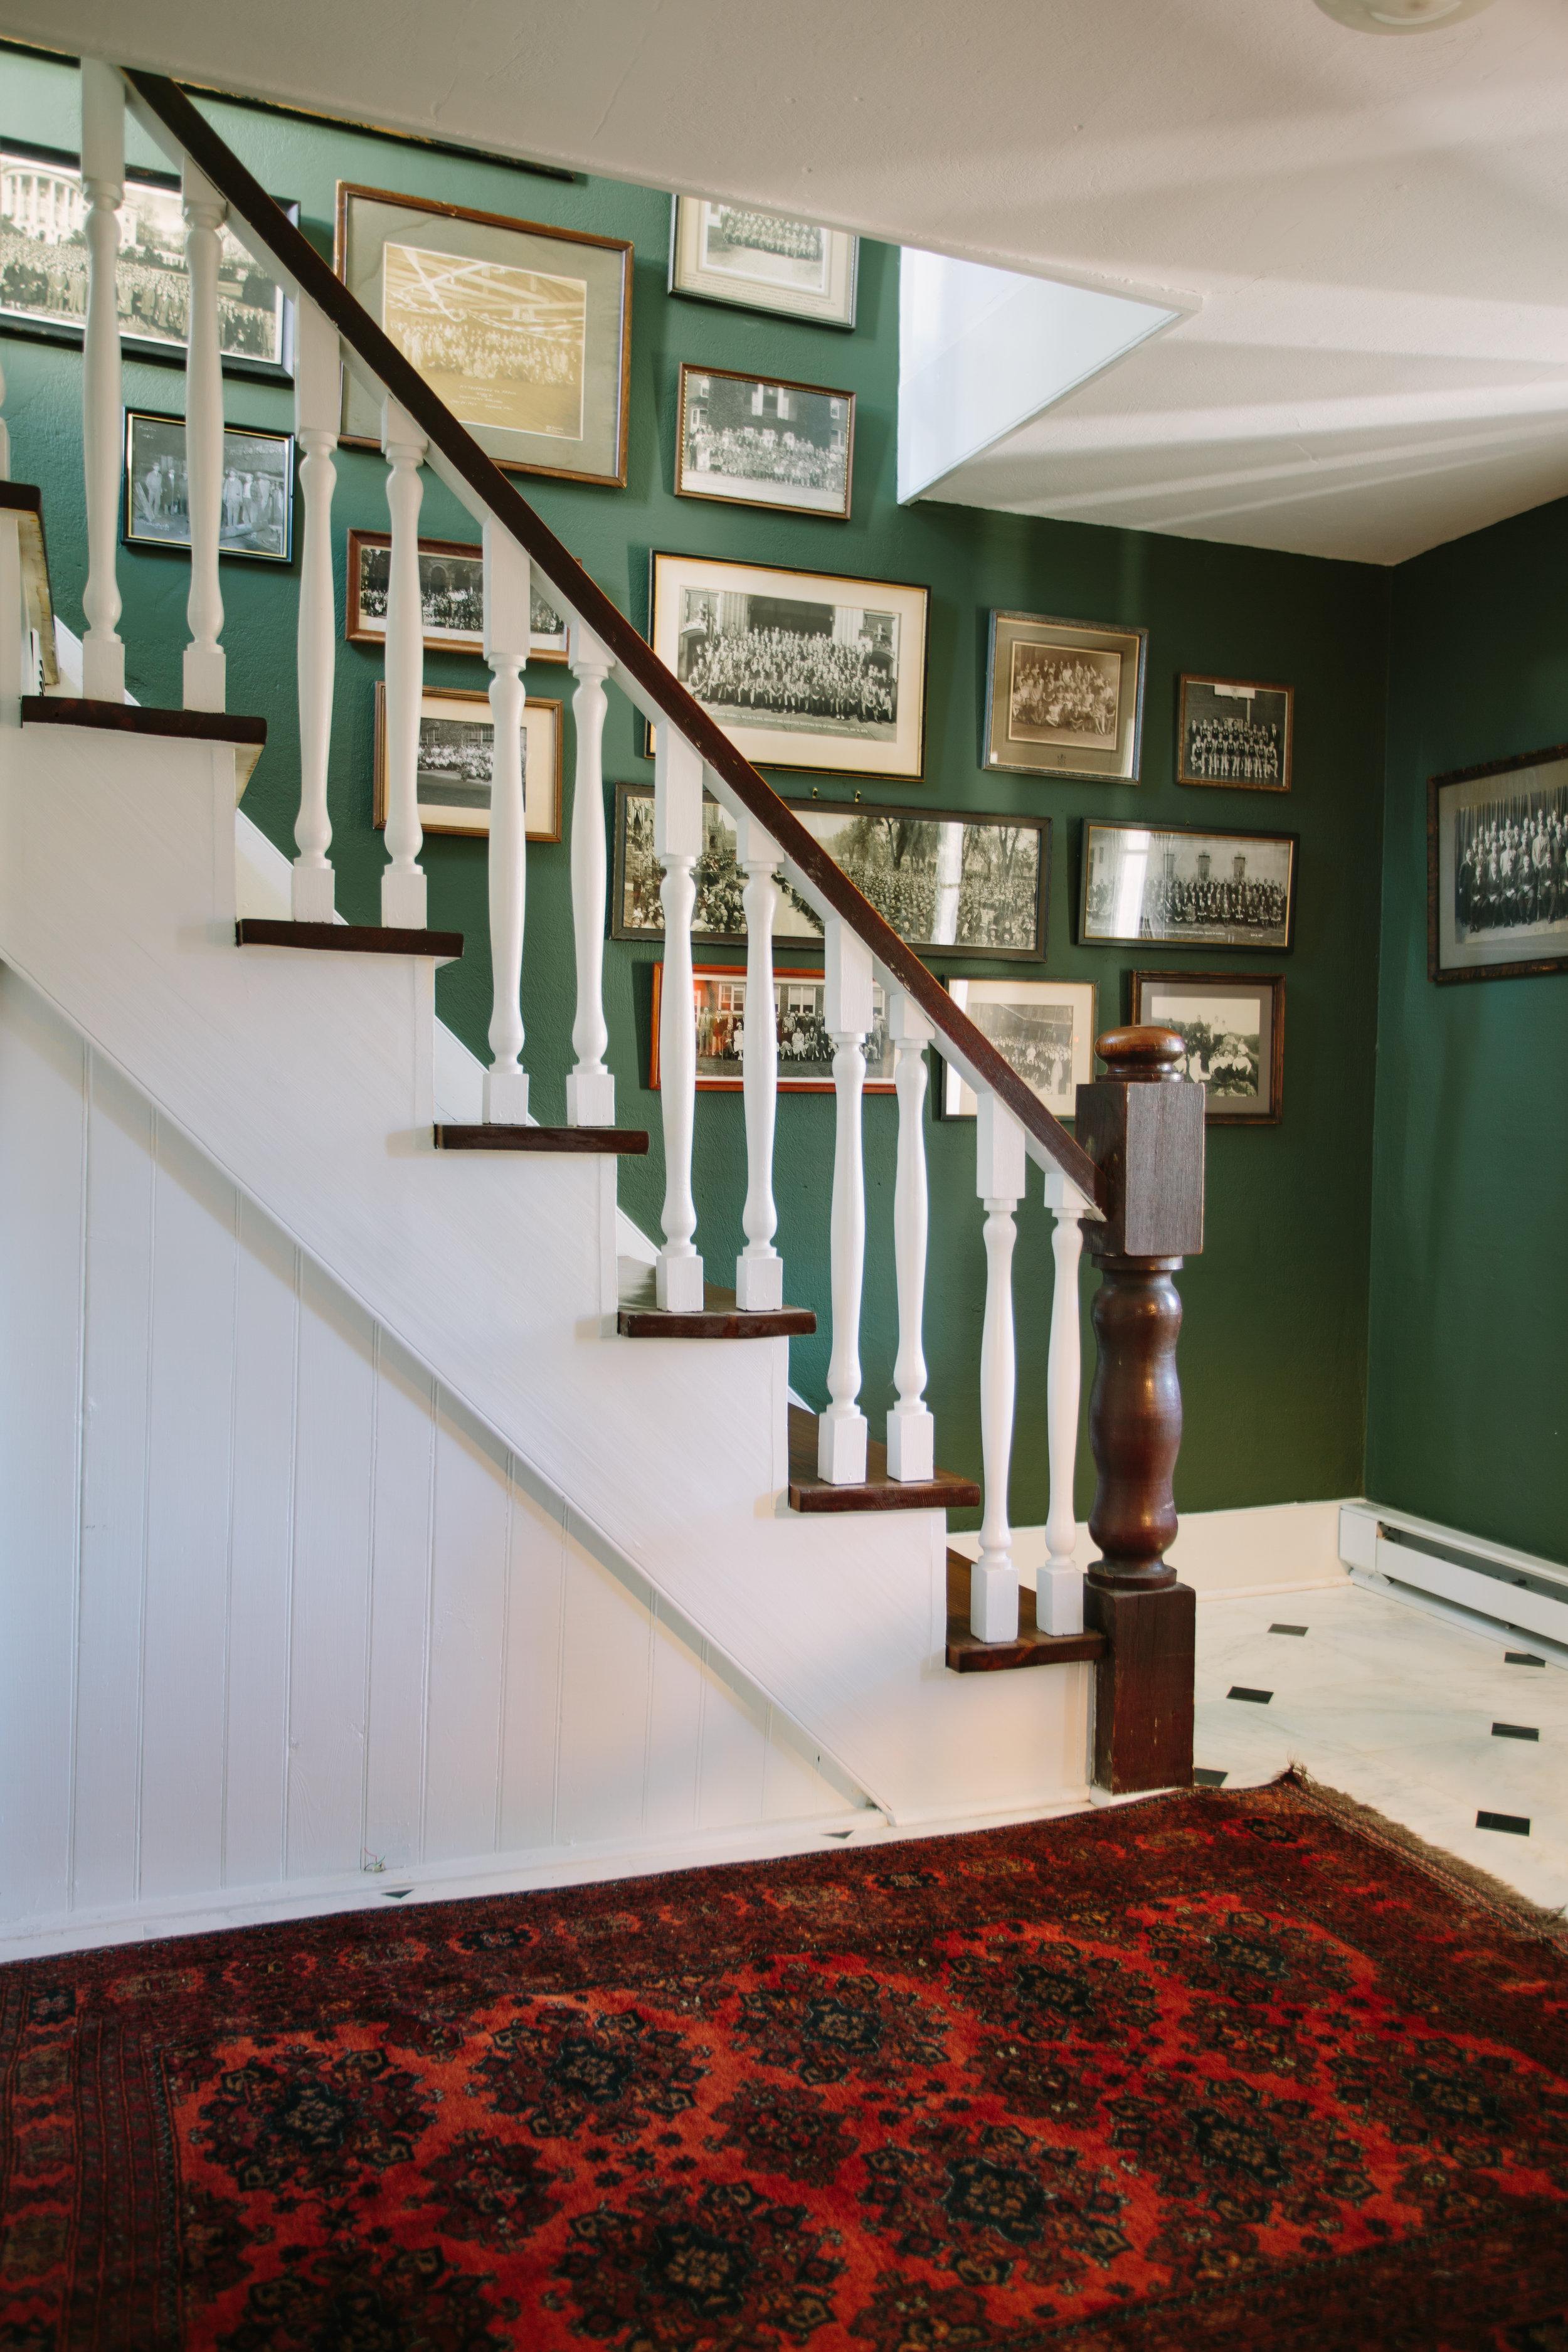 stairwell gallery 1.jpg